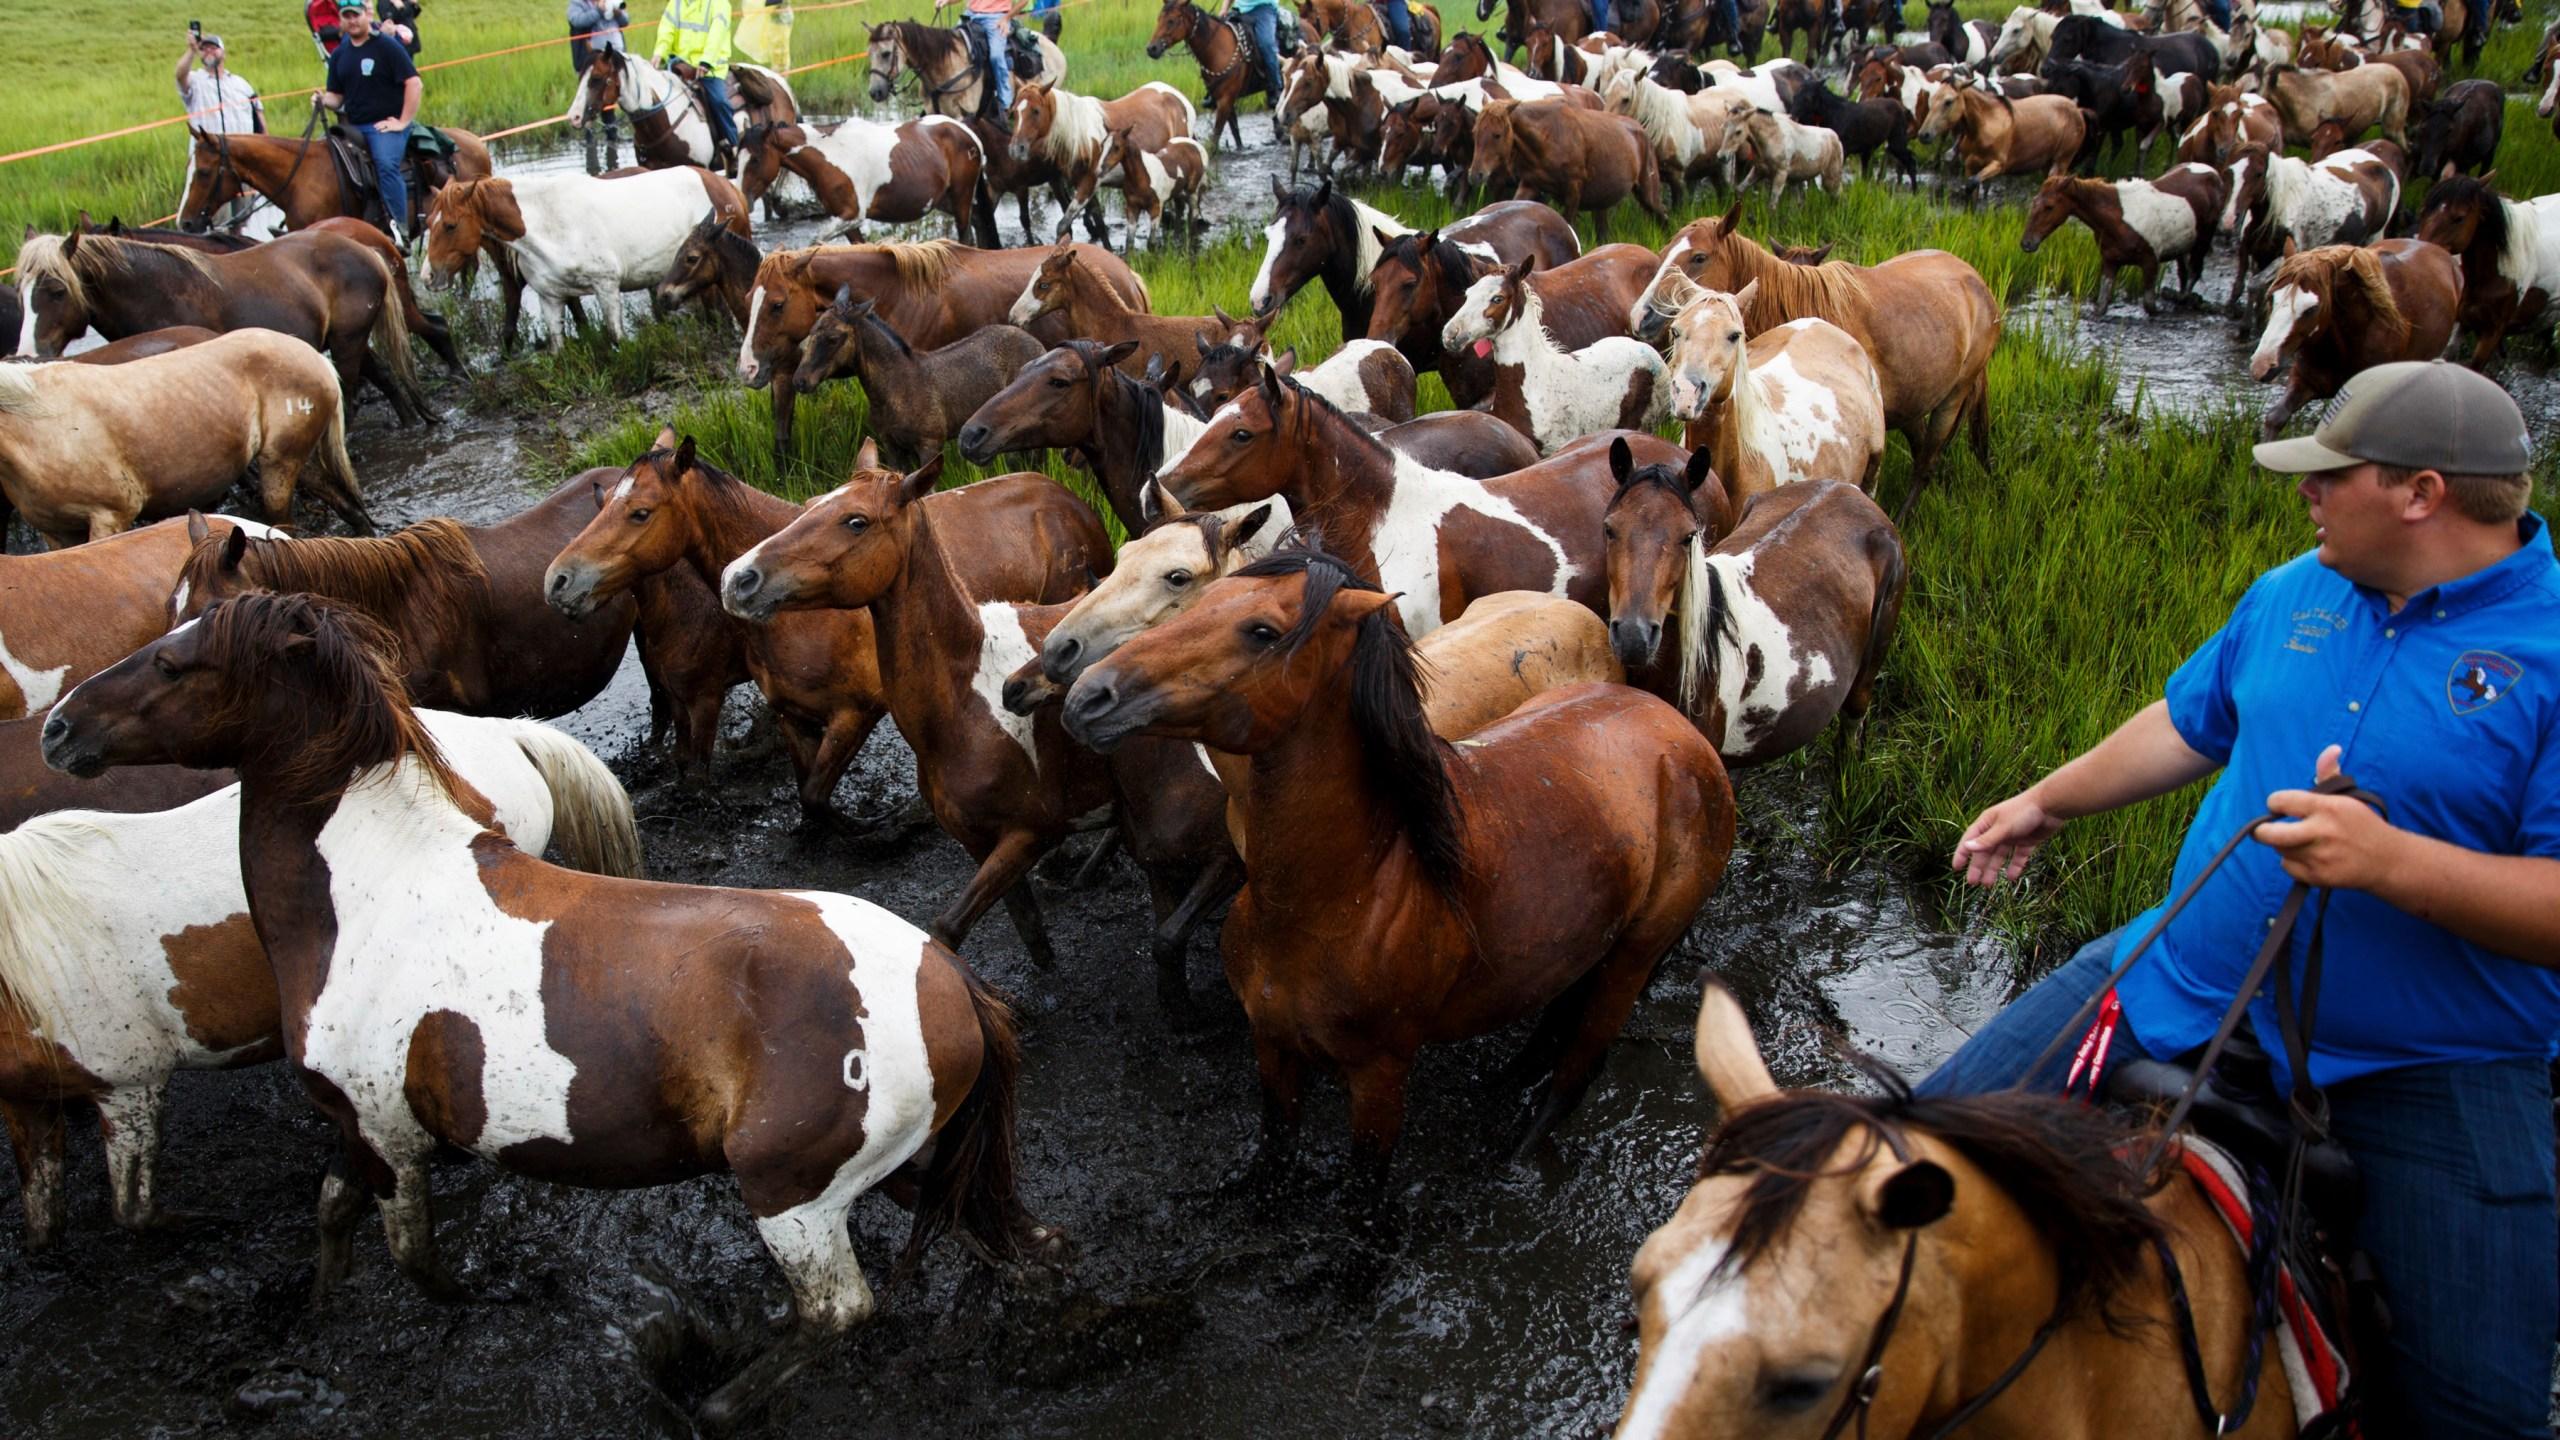 Chincoteague_Pony_Swim_43577-159532.jpg65262427